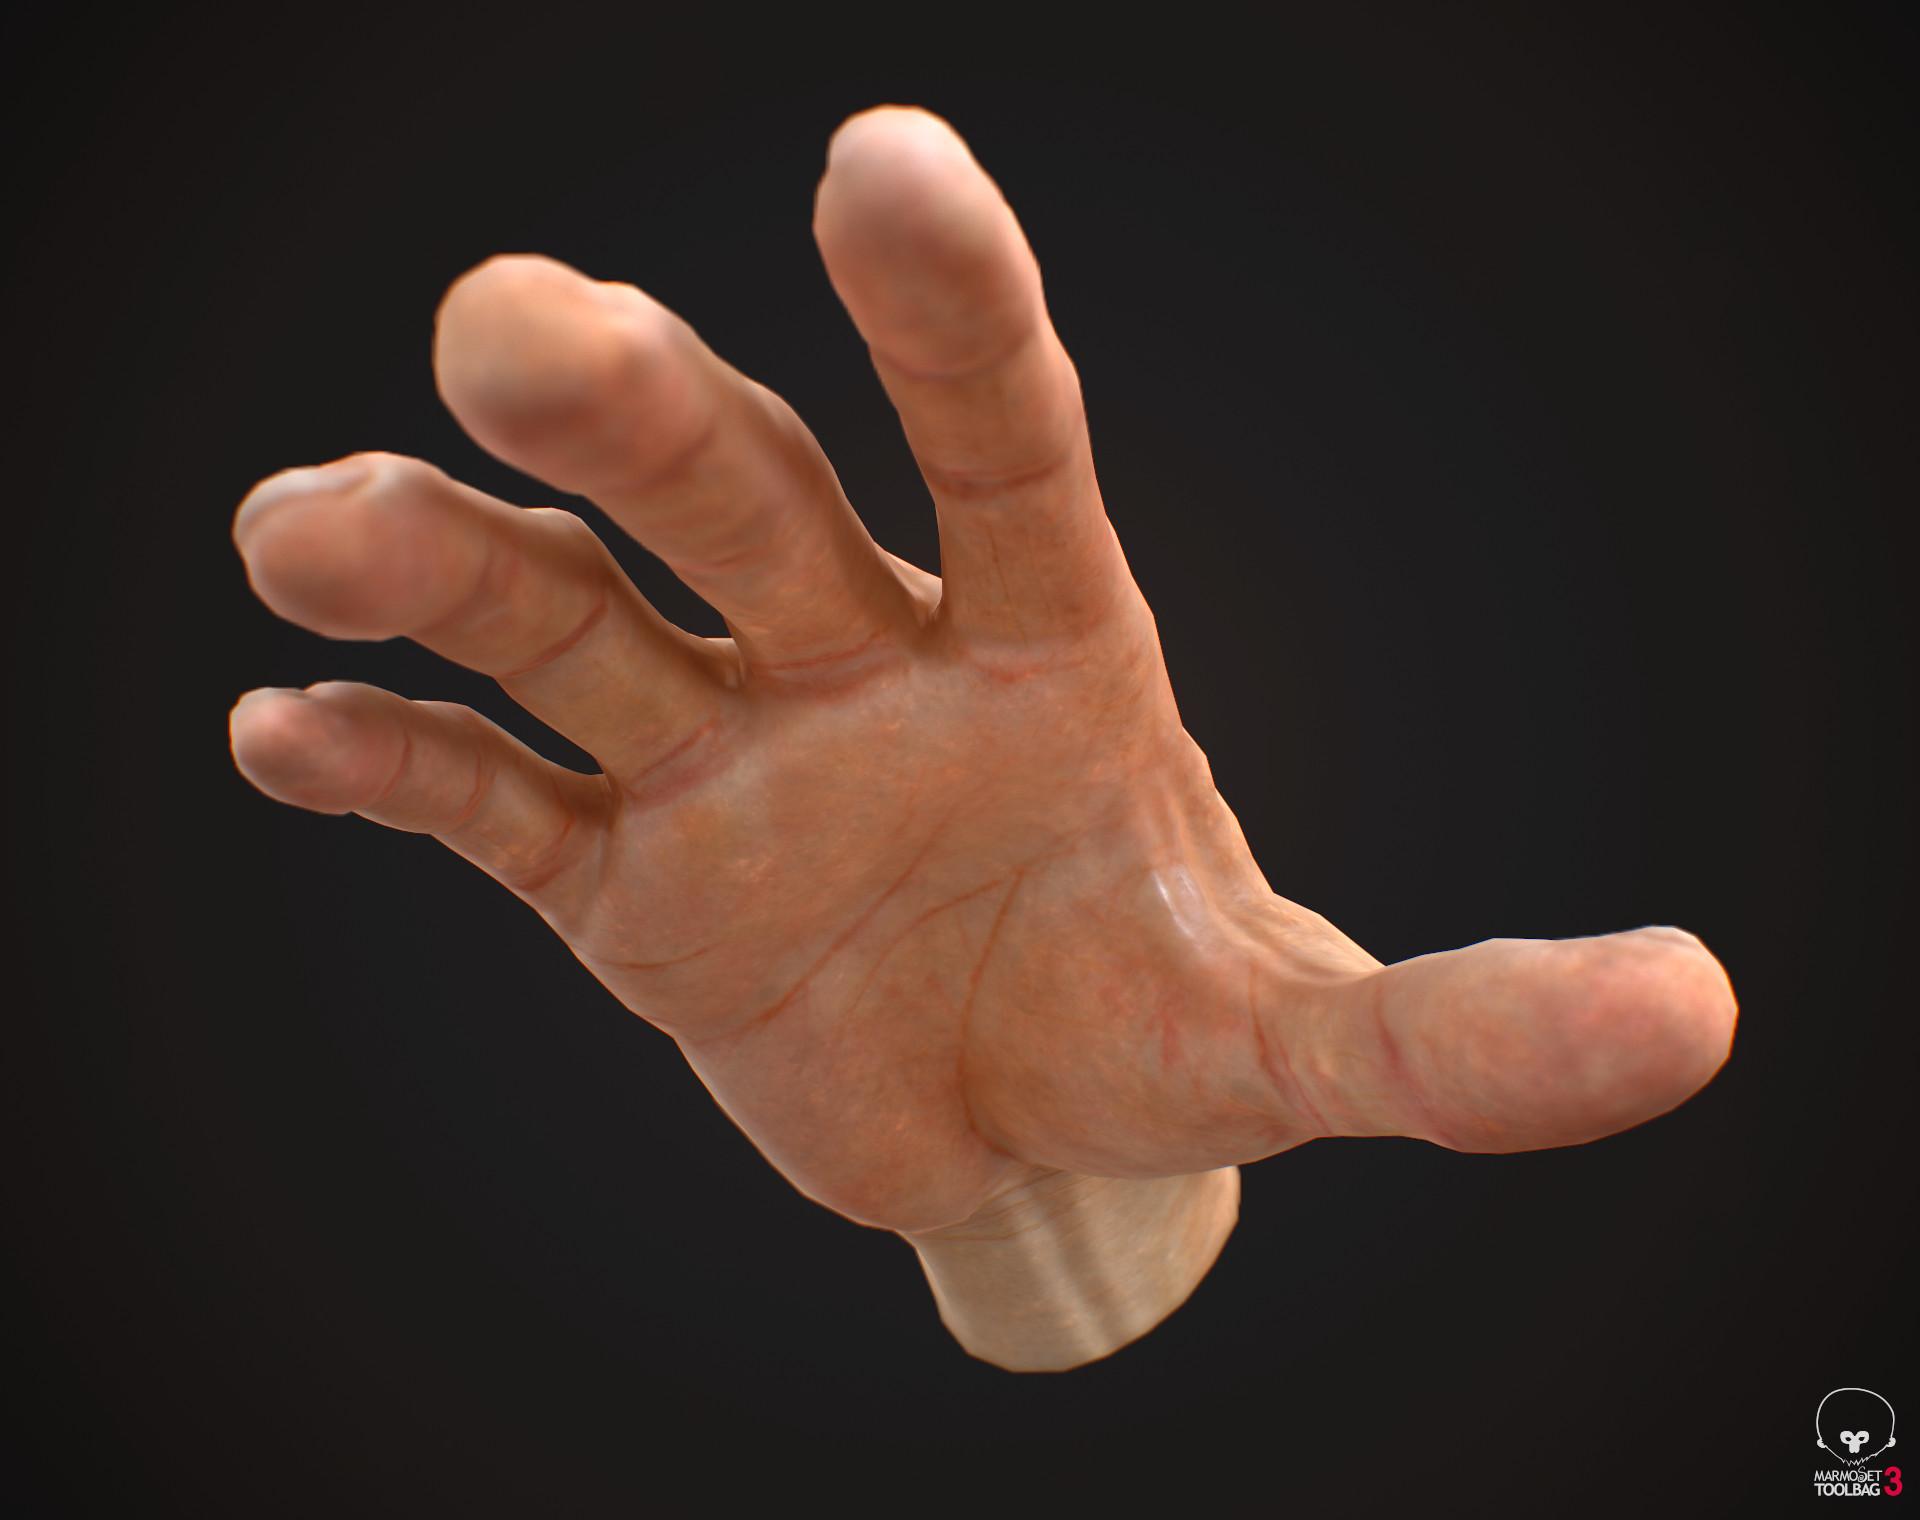 Federico abram vr hand 07